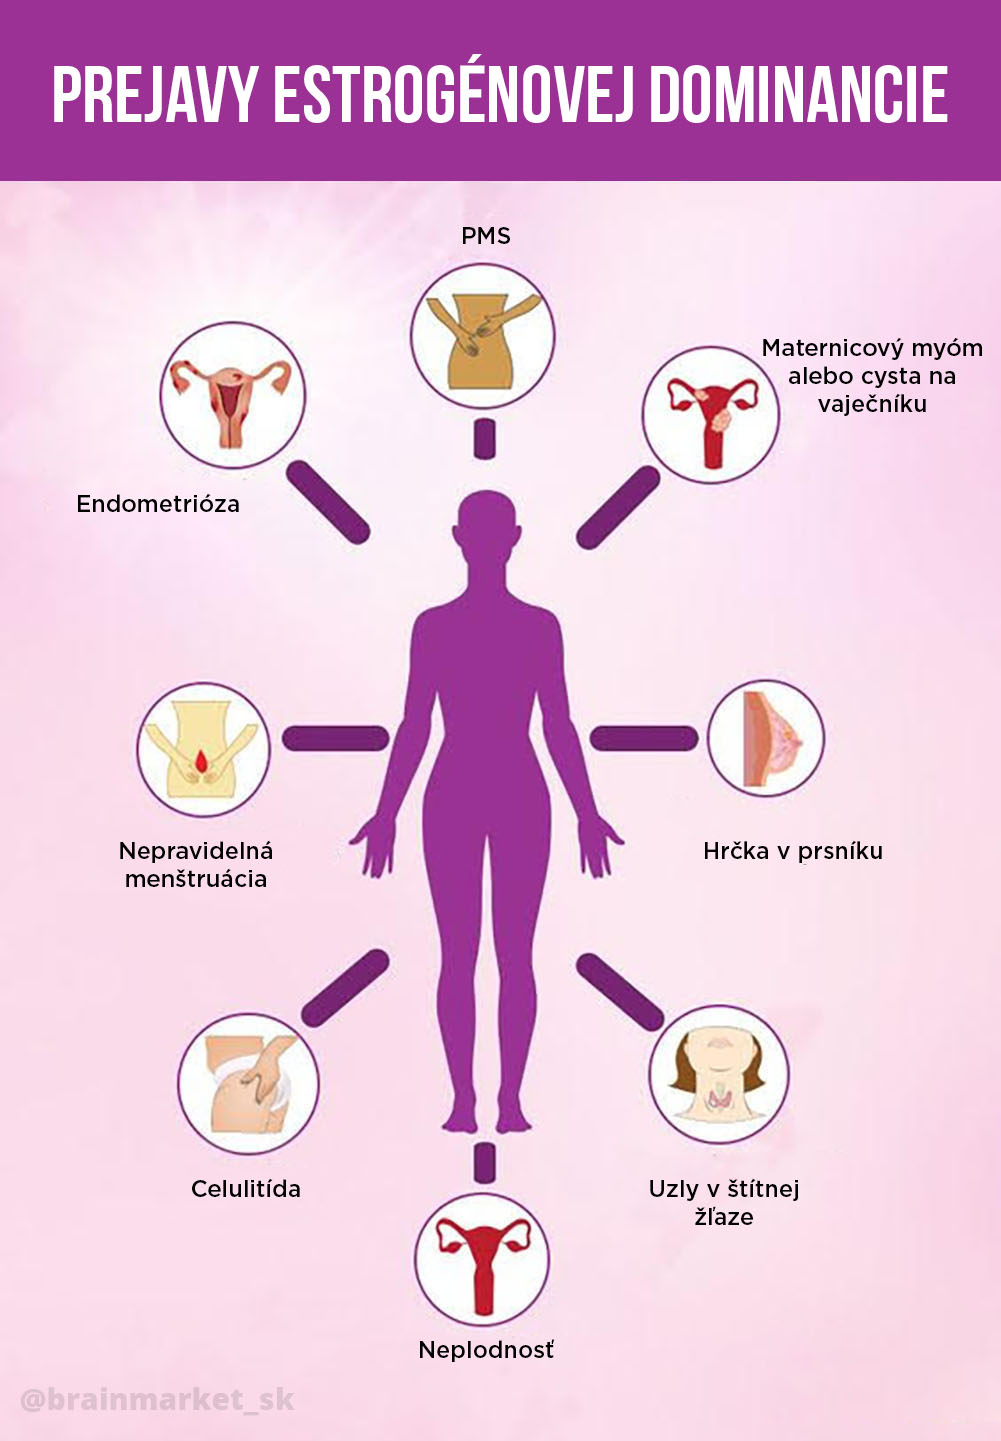 priznaky-estrogenove-dominance-infografika-brainmarket-sk